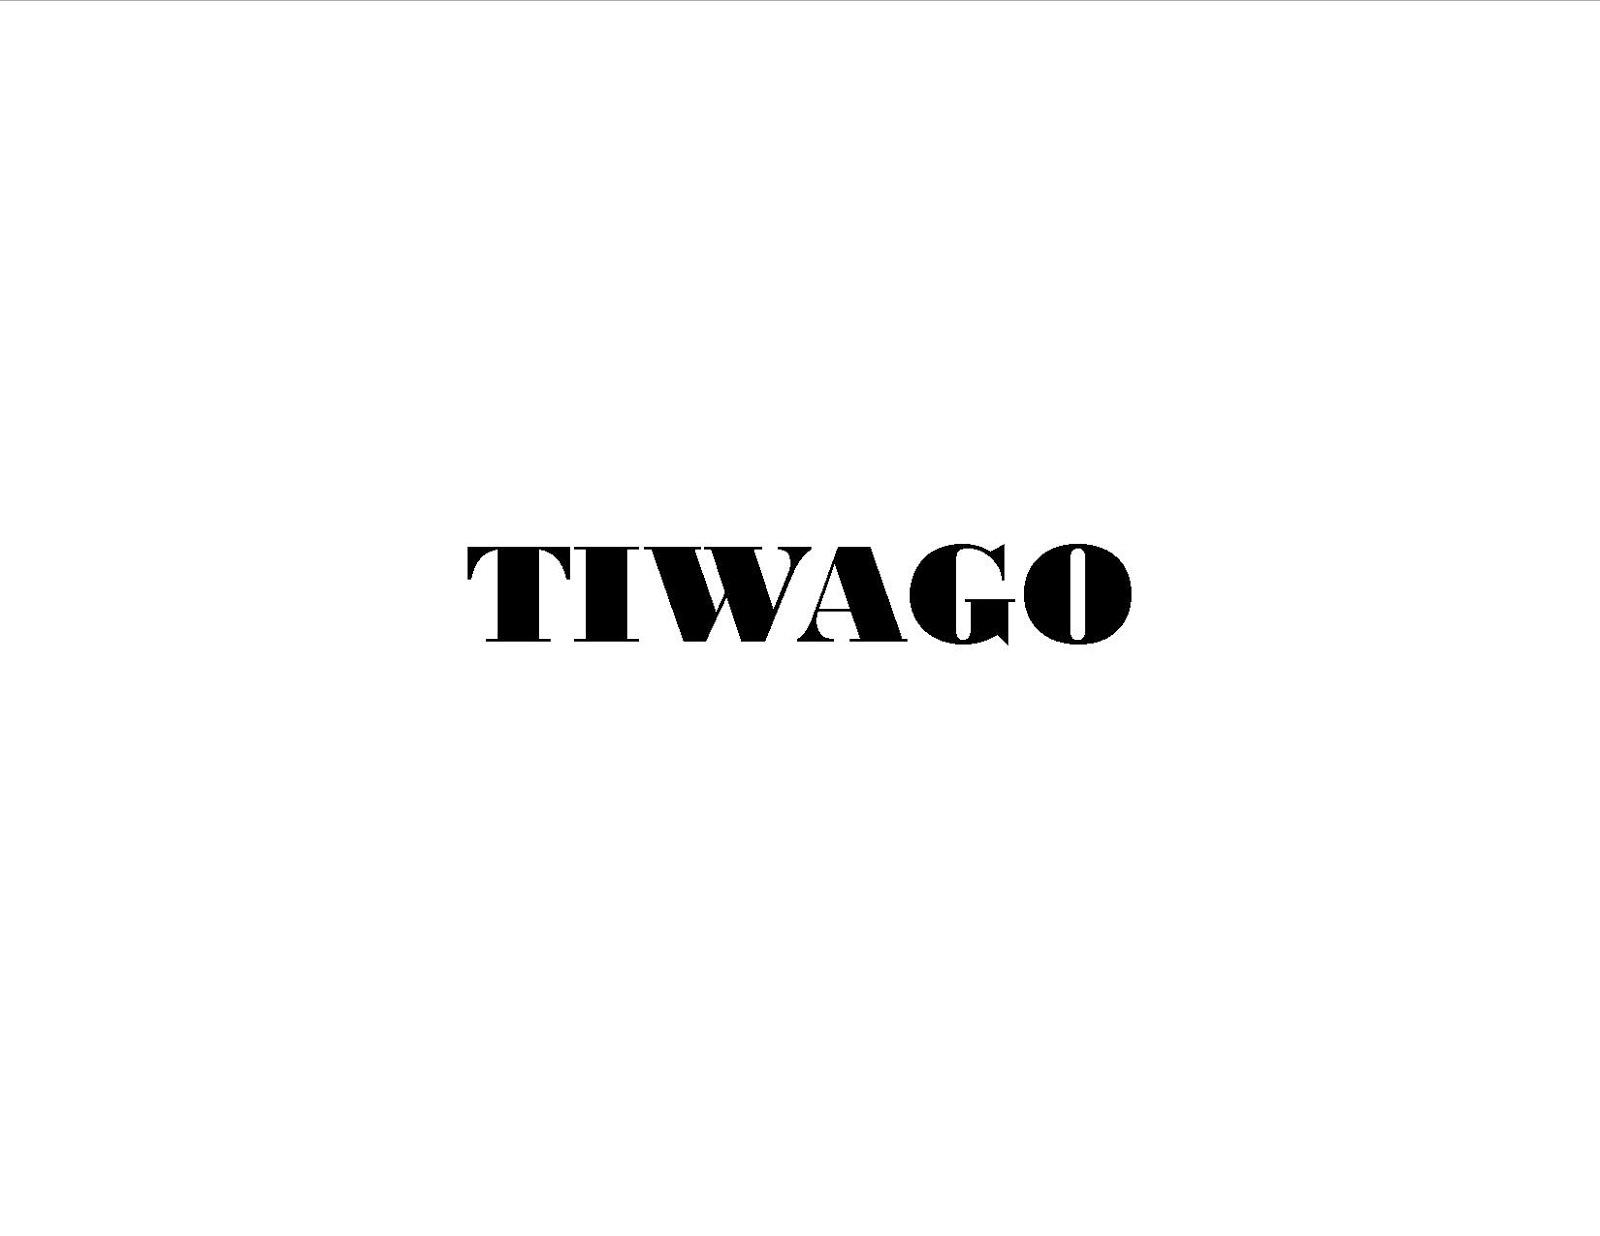 Tiwago